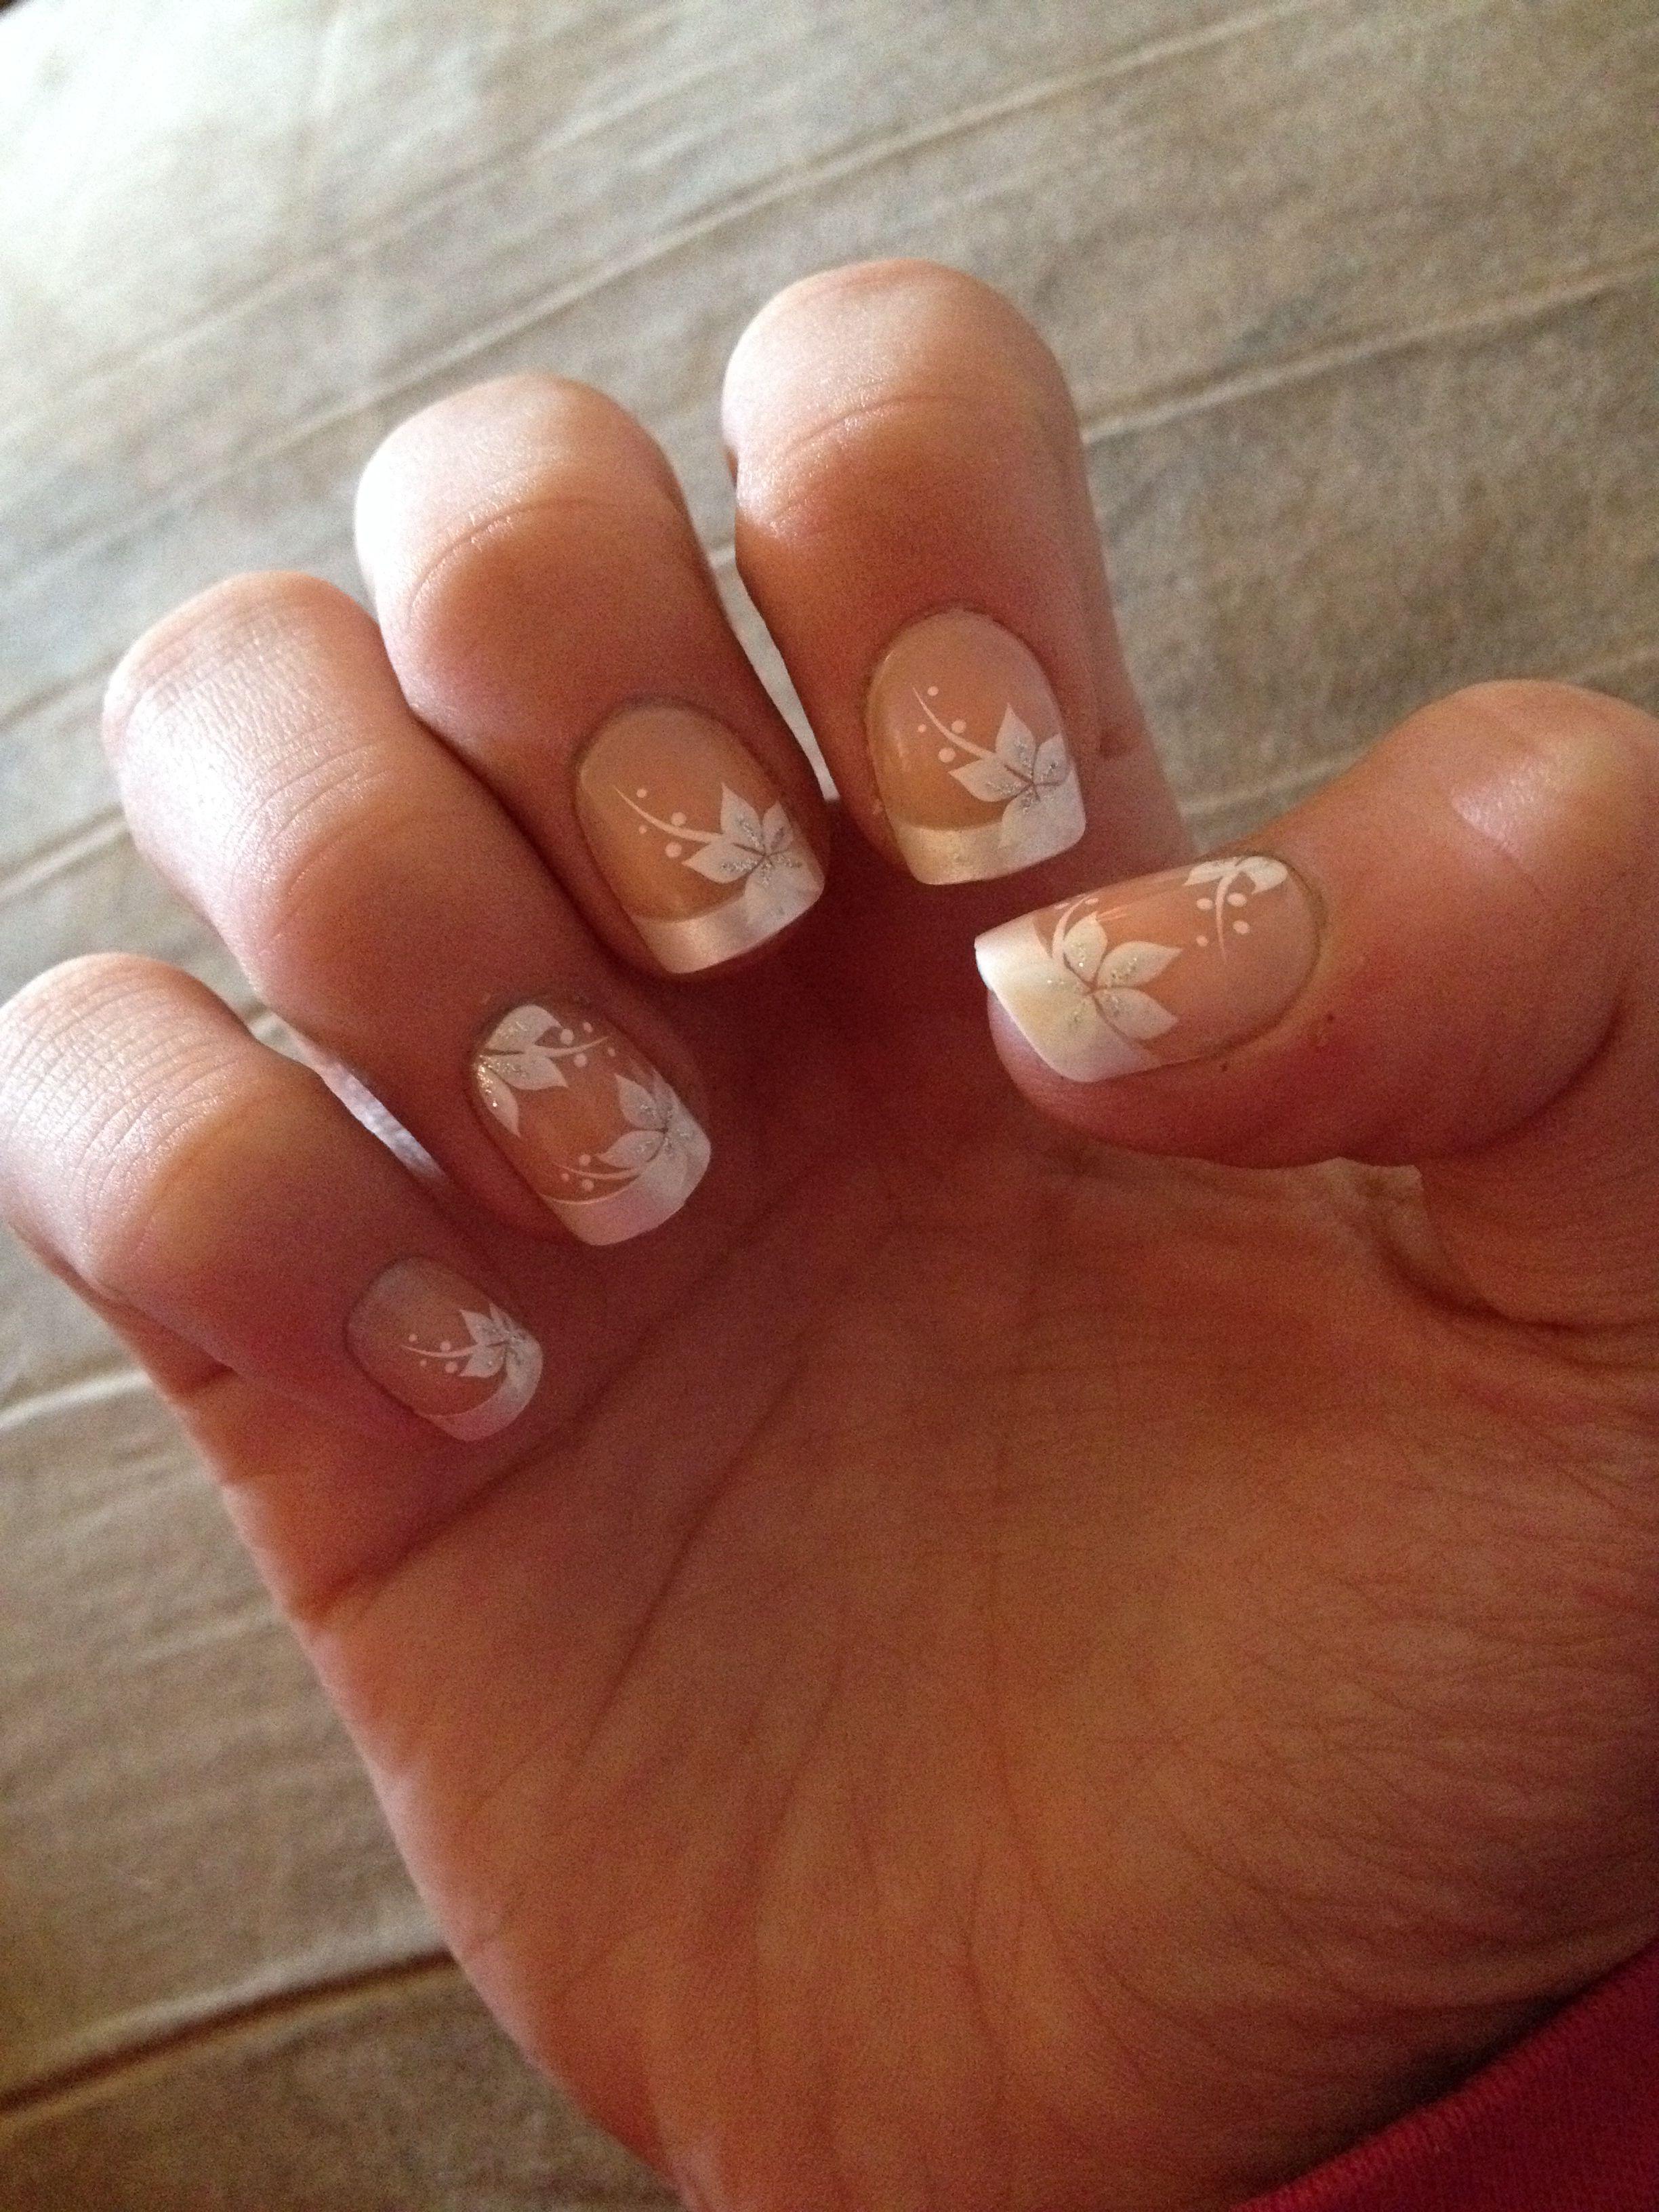 Fake nails!!! Sooo cute and not to long at all!!!